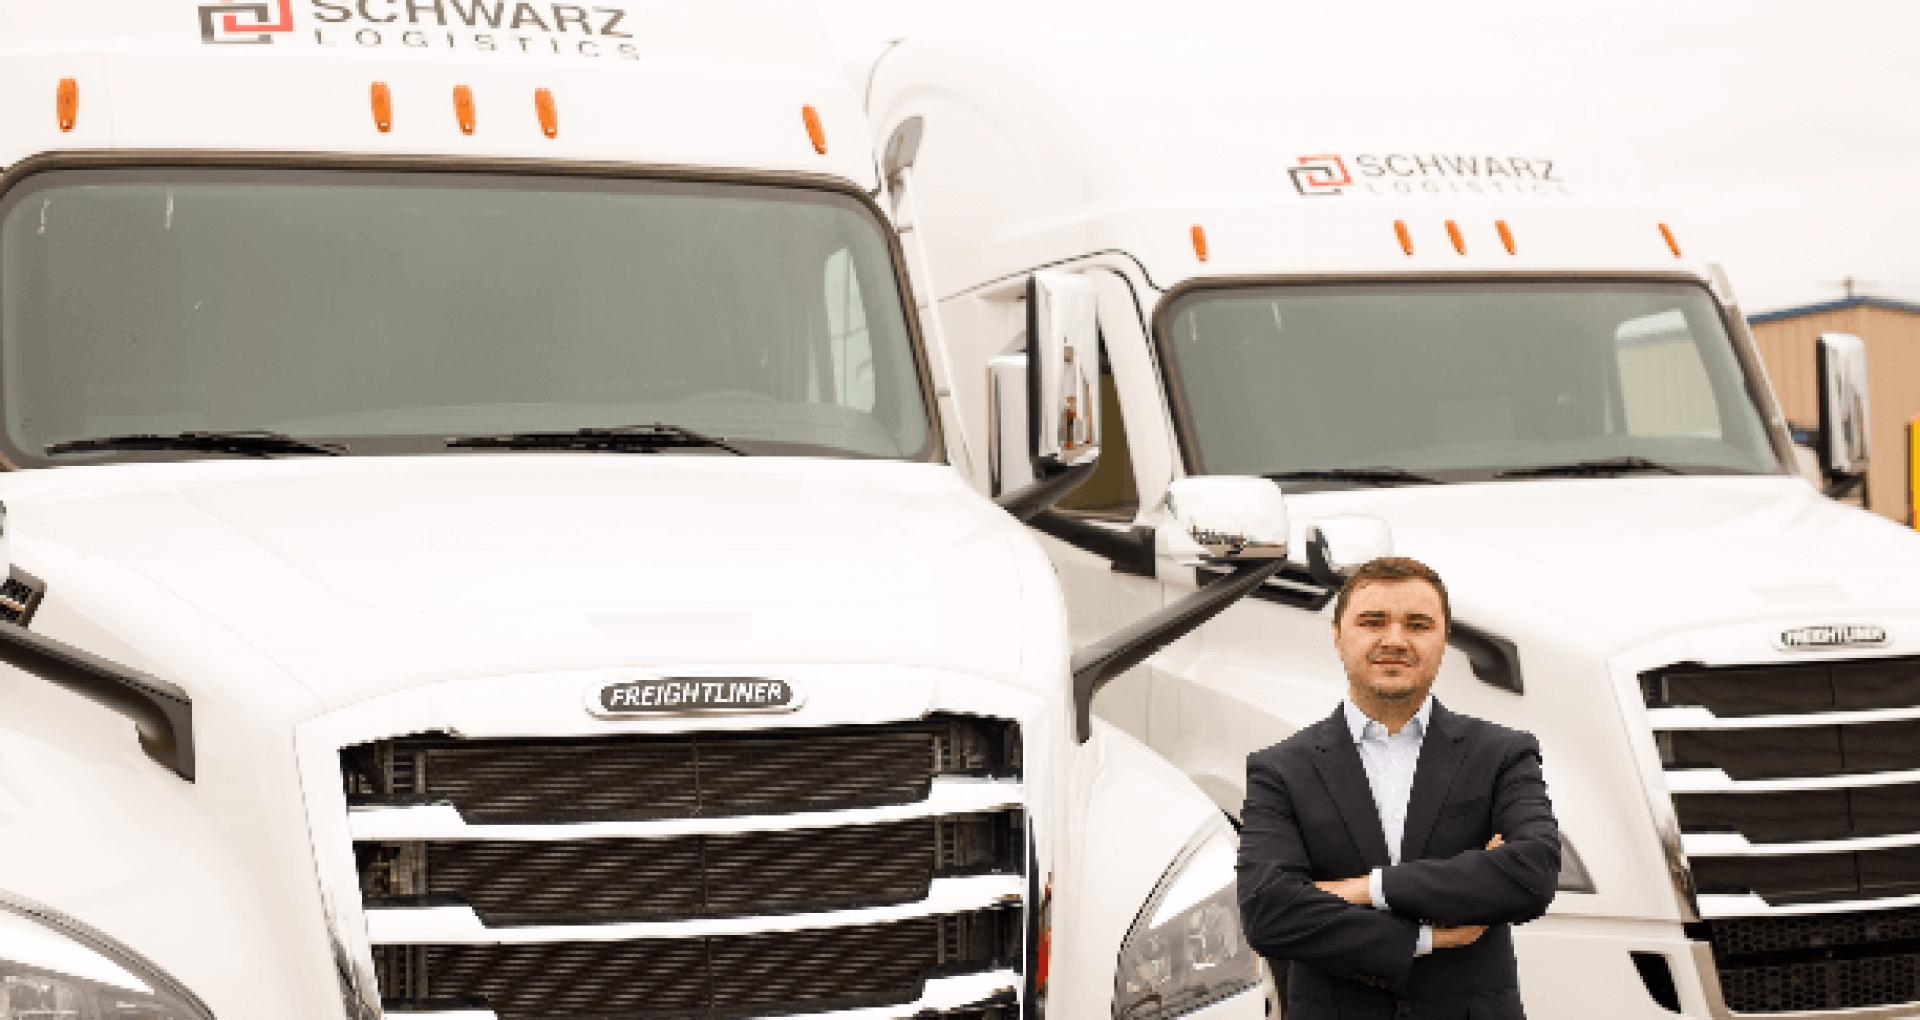 Moldoveni în SUA: De la șofer de tir, în zece ani a ajuns să gestioneze o afacere de succes